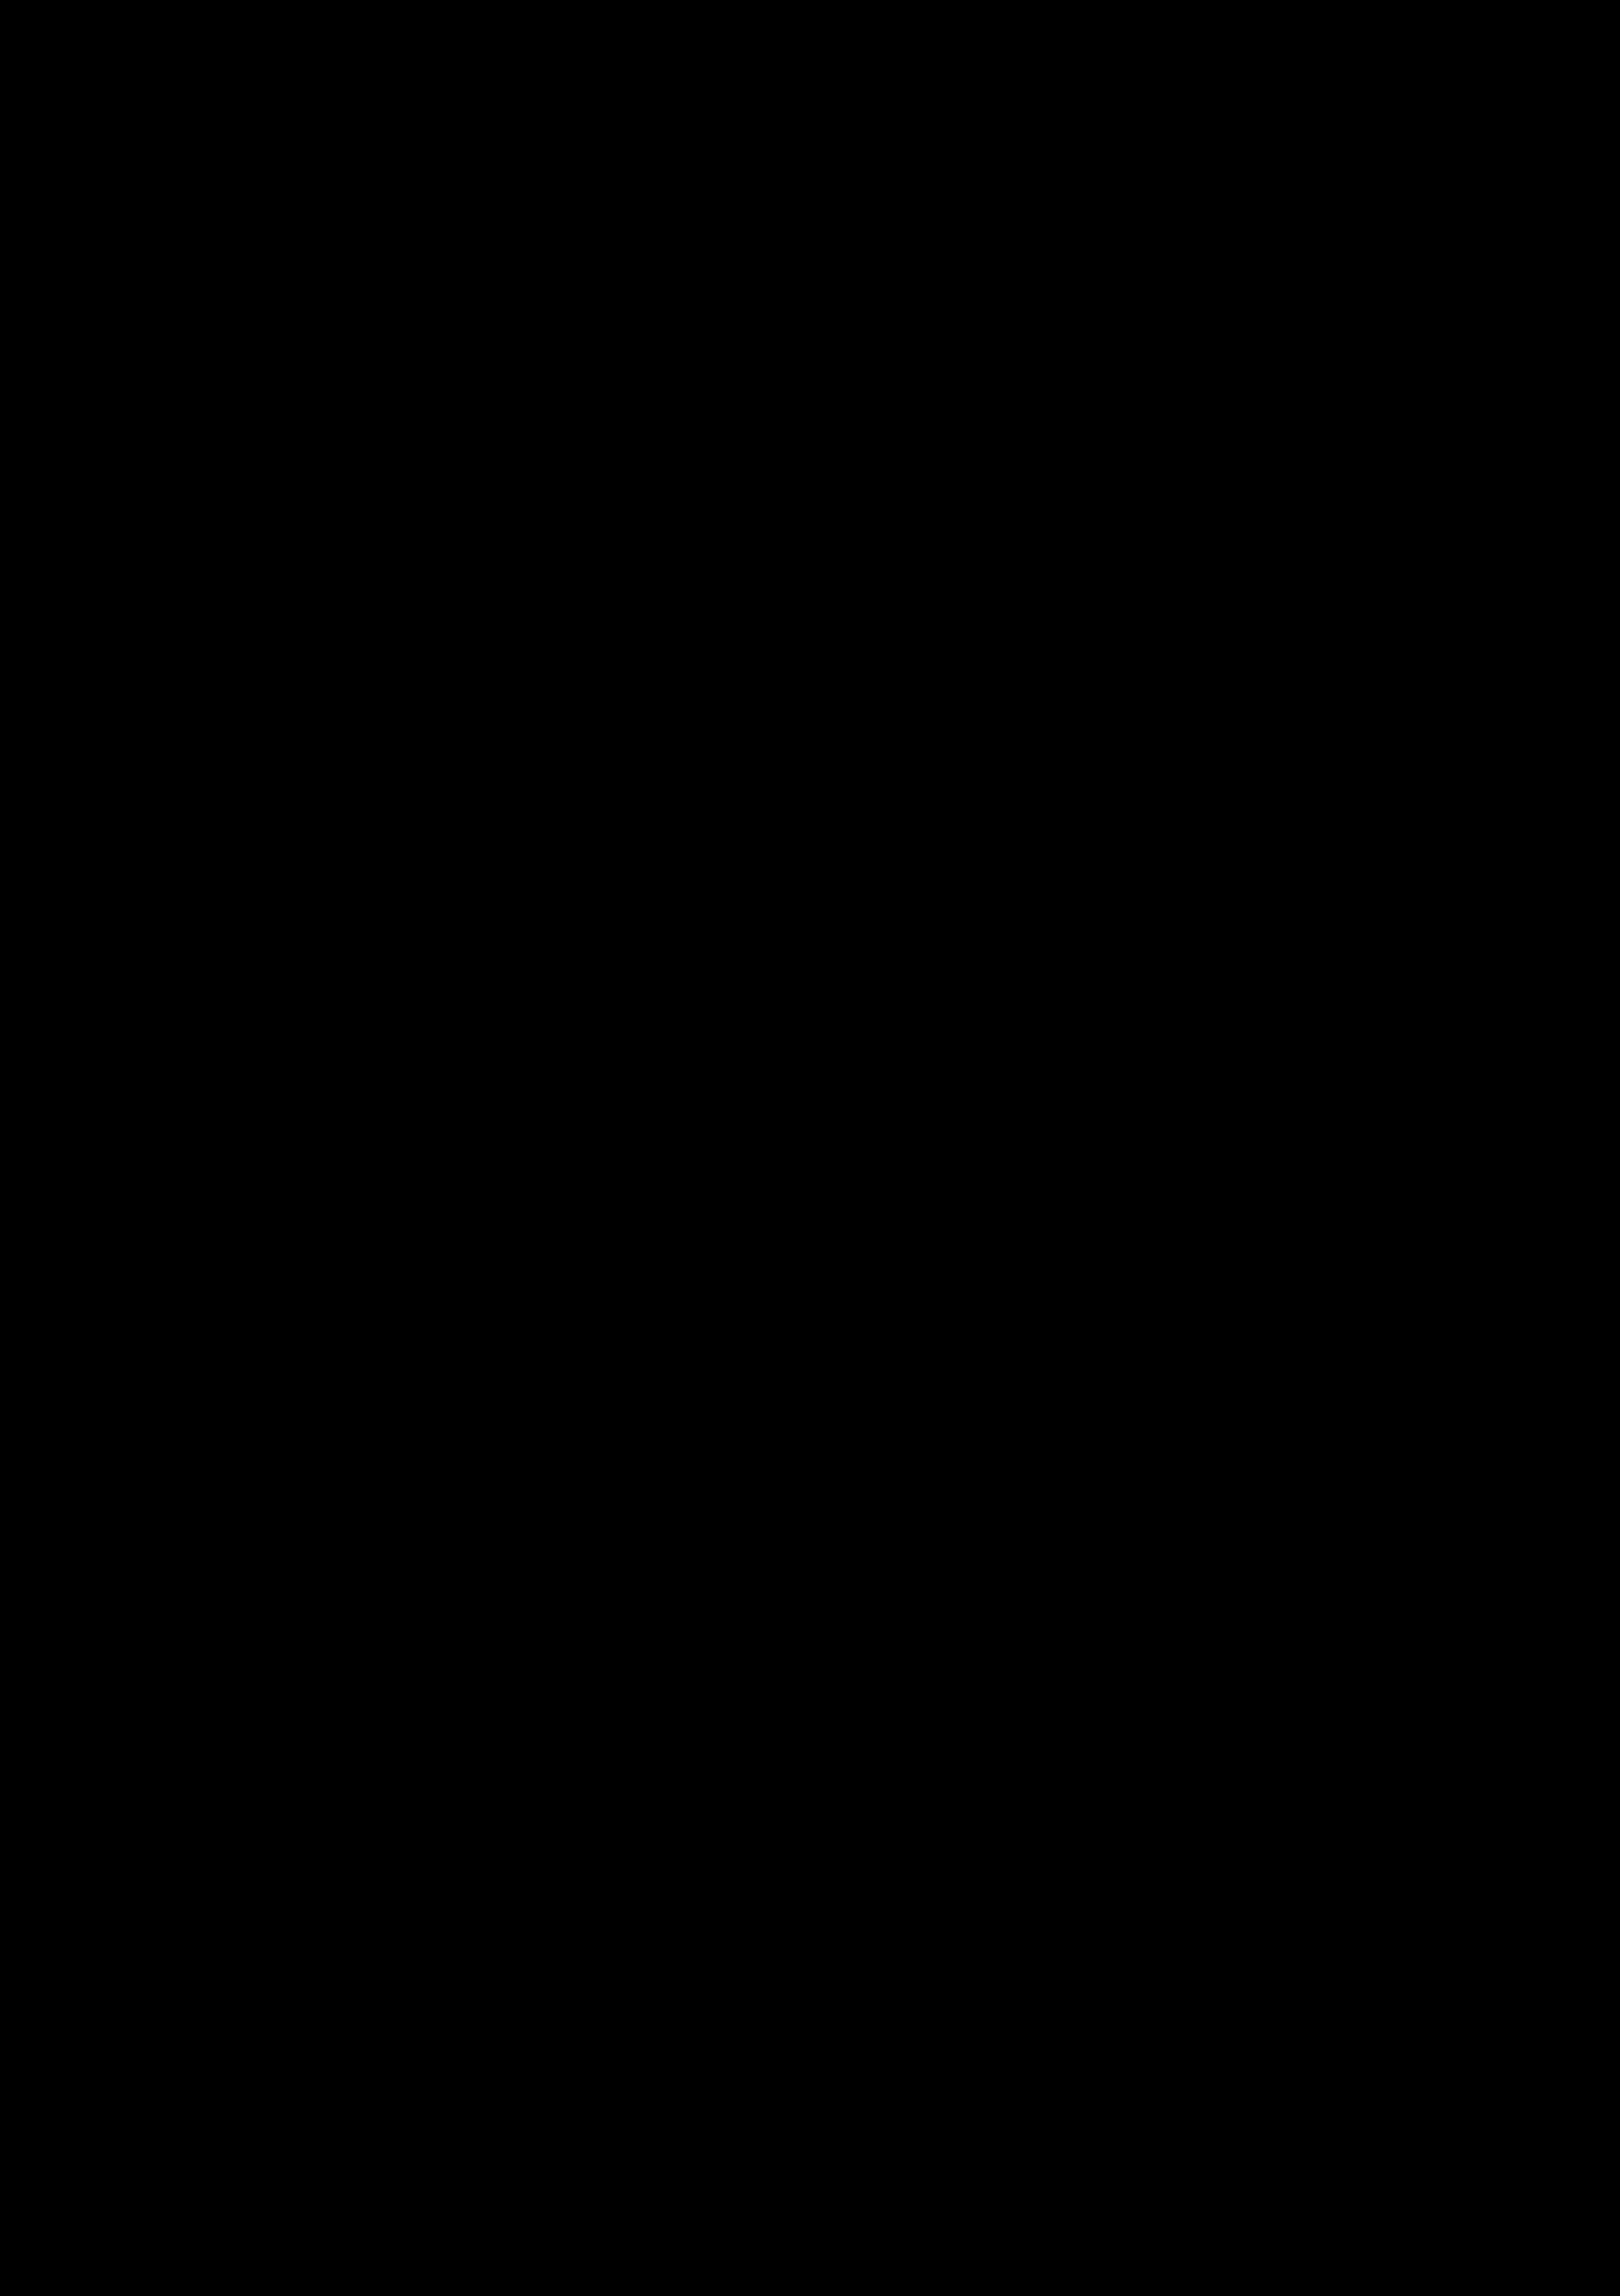 Online-Veranstaltung mit André Baumann und Katharina Schulze